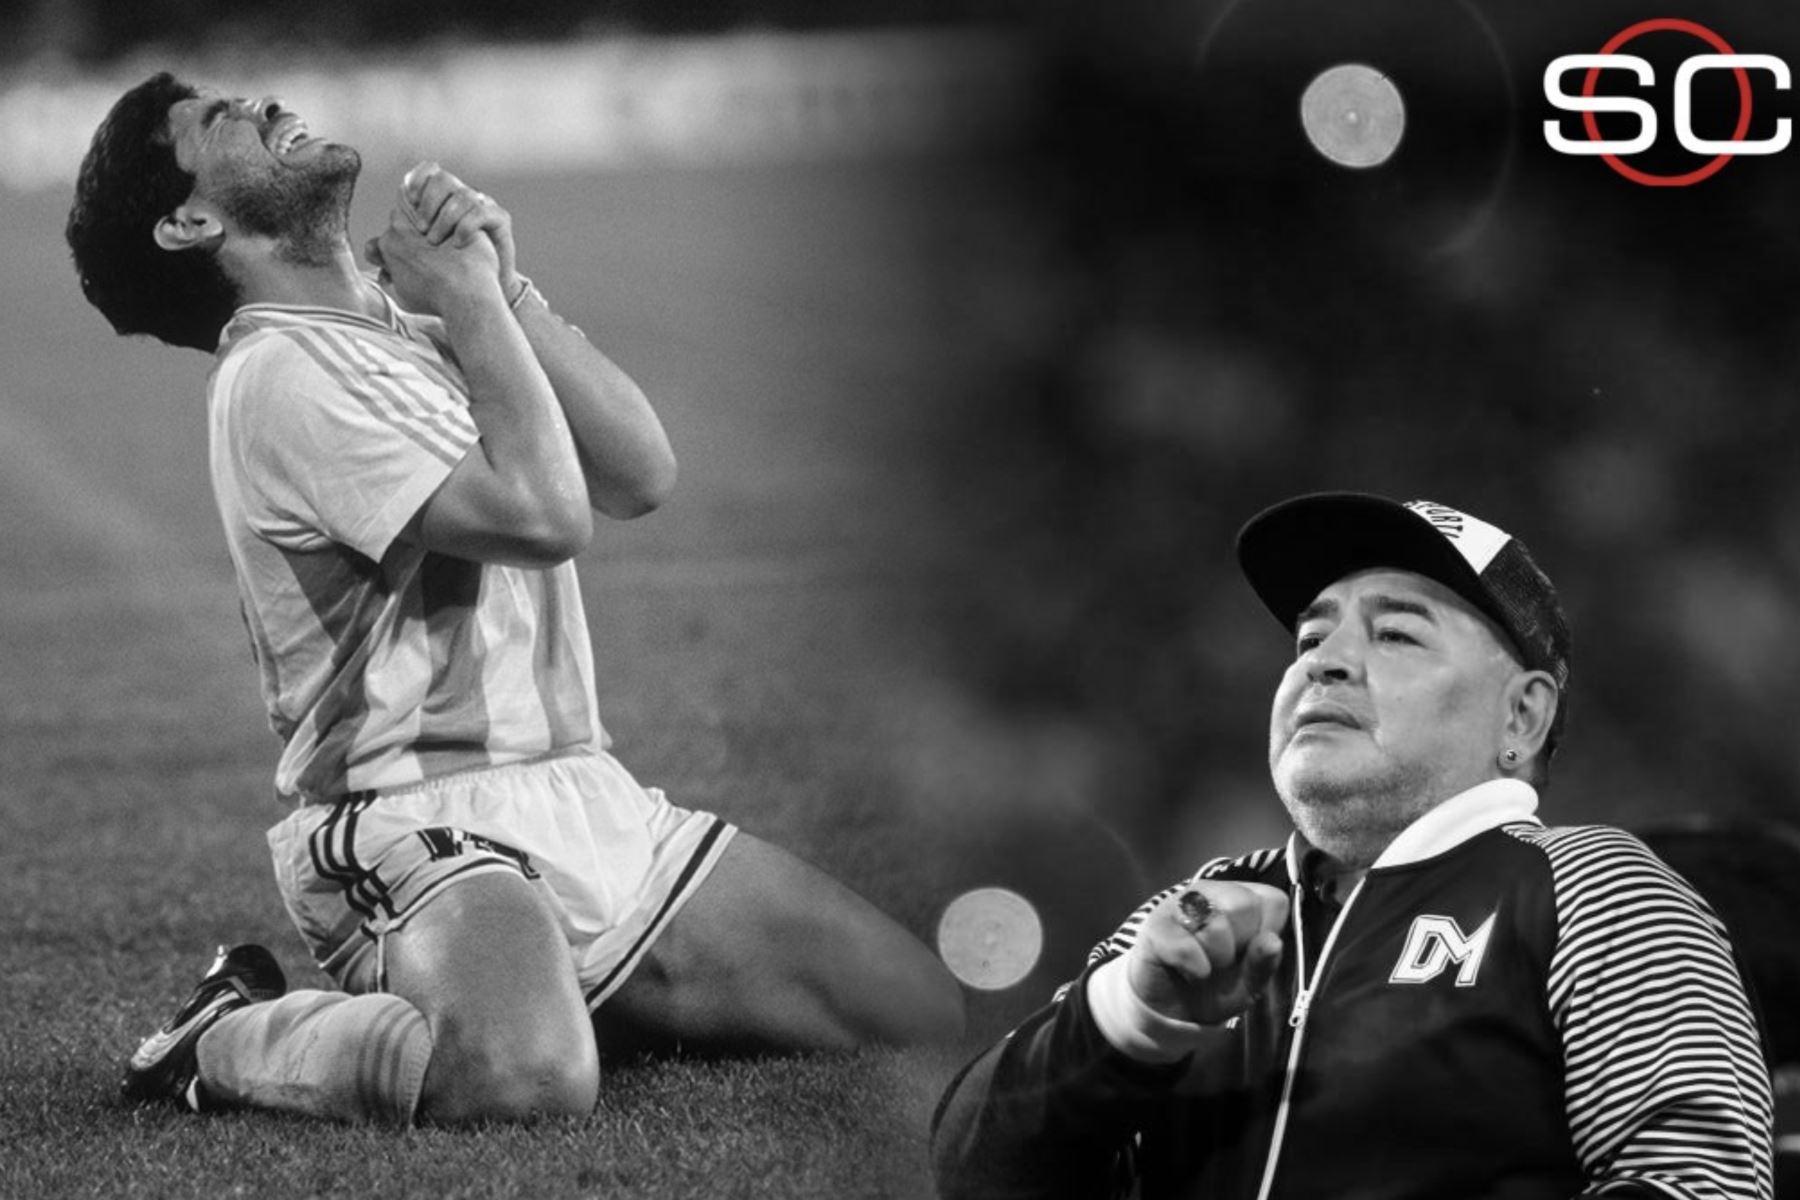 Así informa la prensa mundial la muerte de Diego Armando Maradona. Sport Center